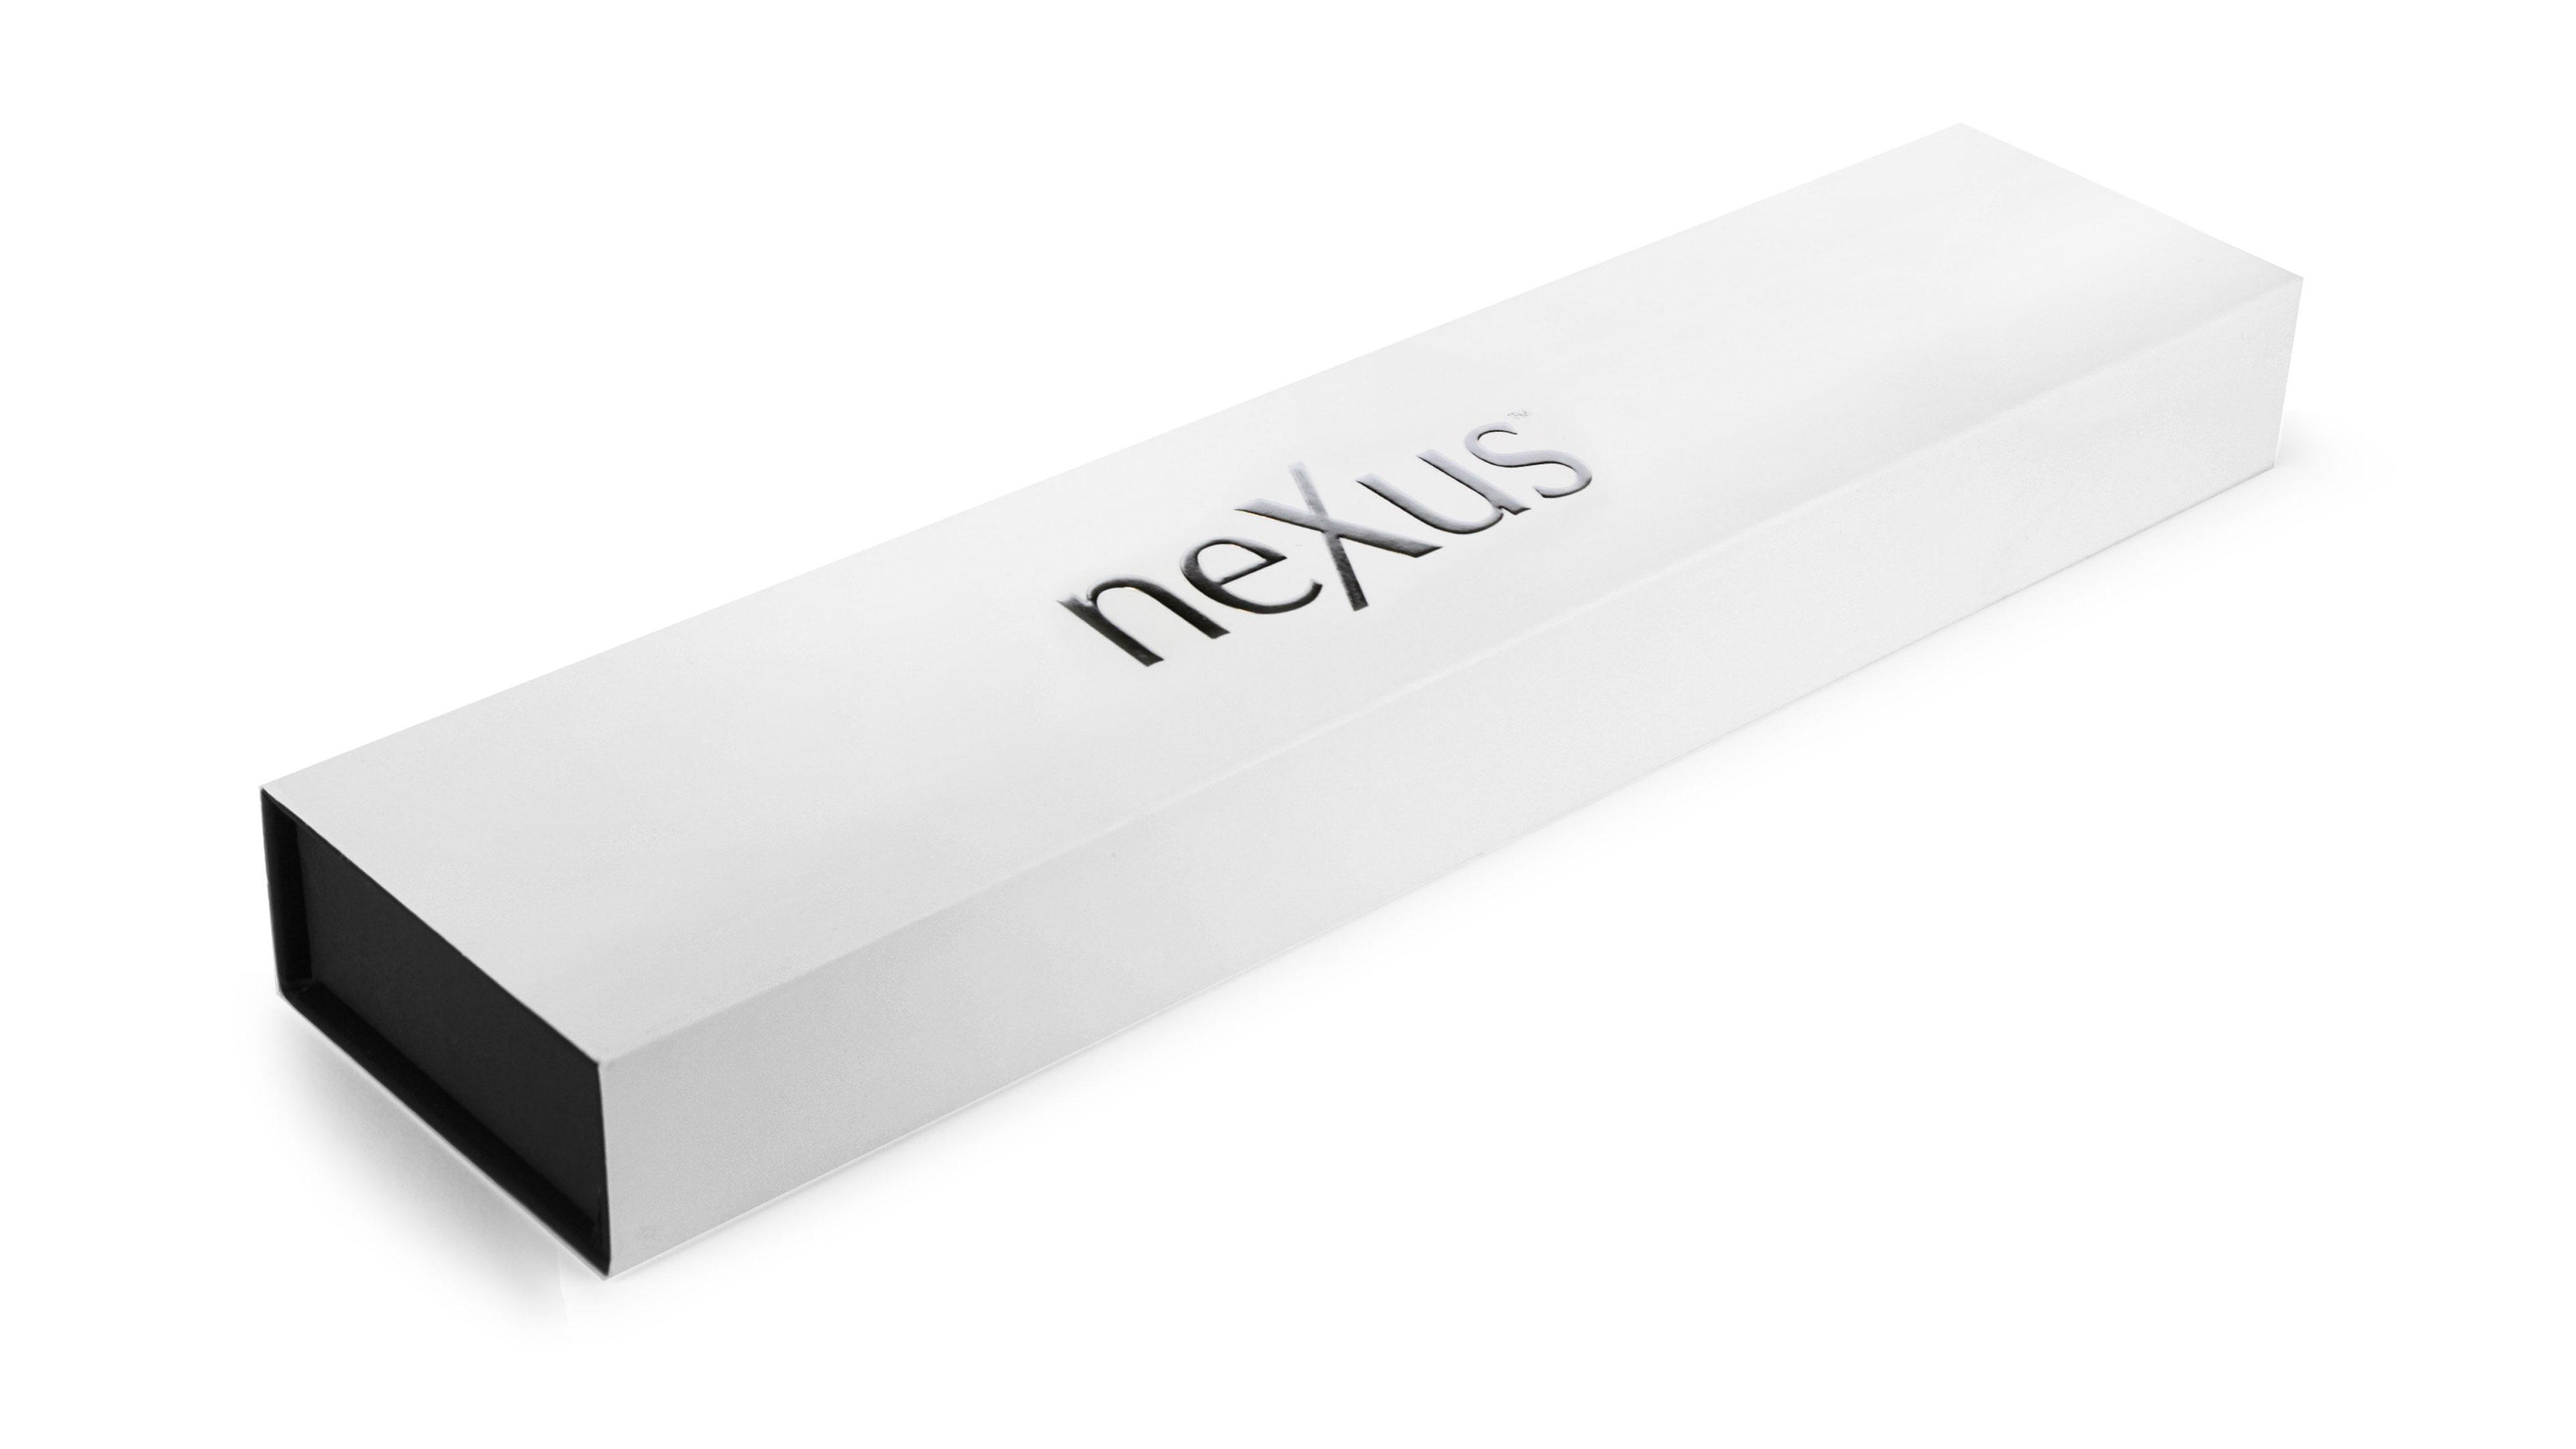 Nexus Bd1n Stainless Steel Curved Boning Knife 6